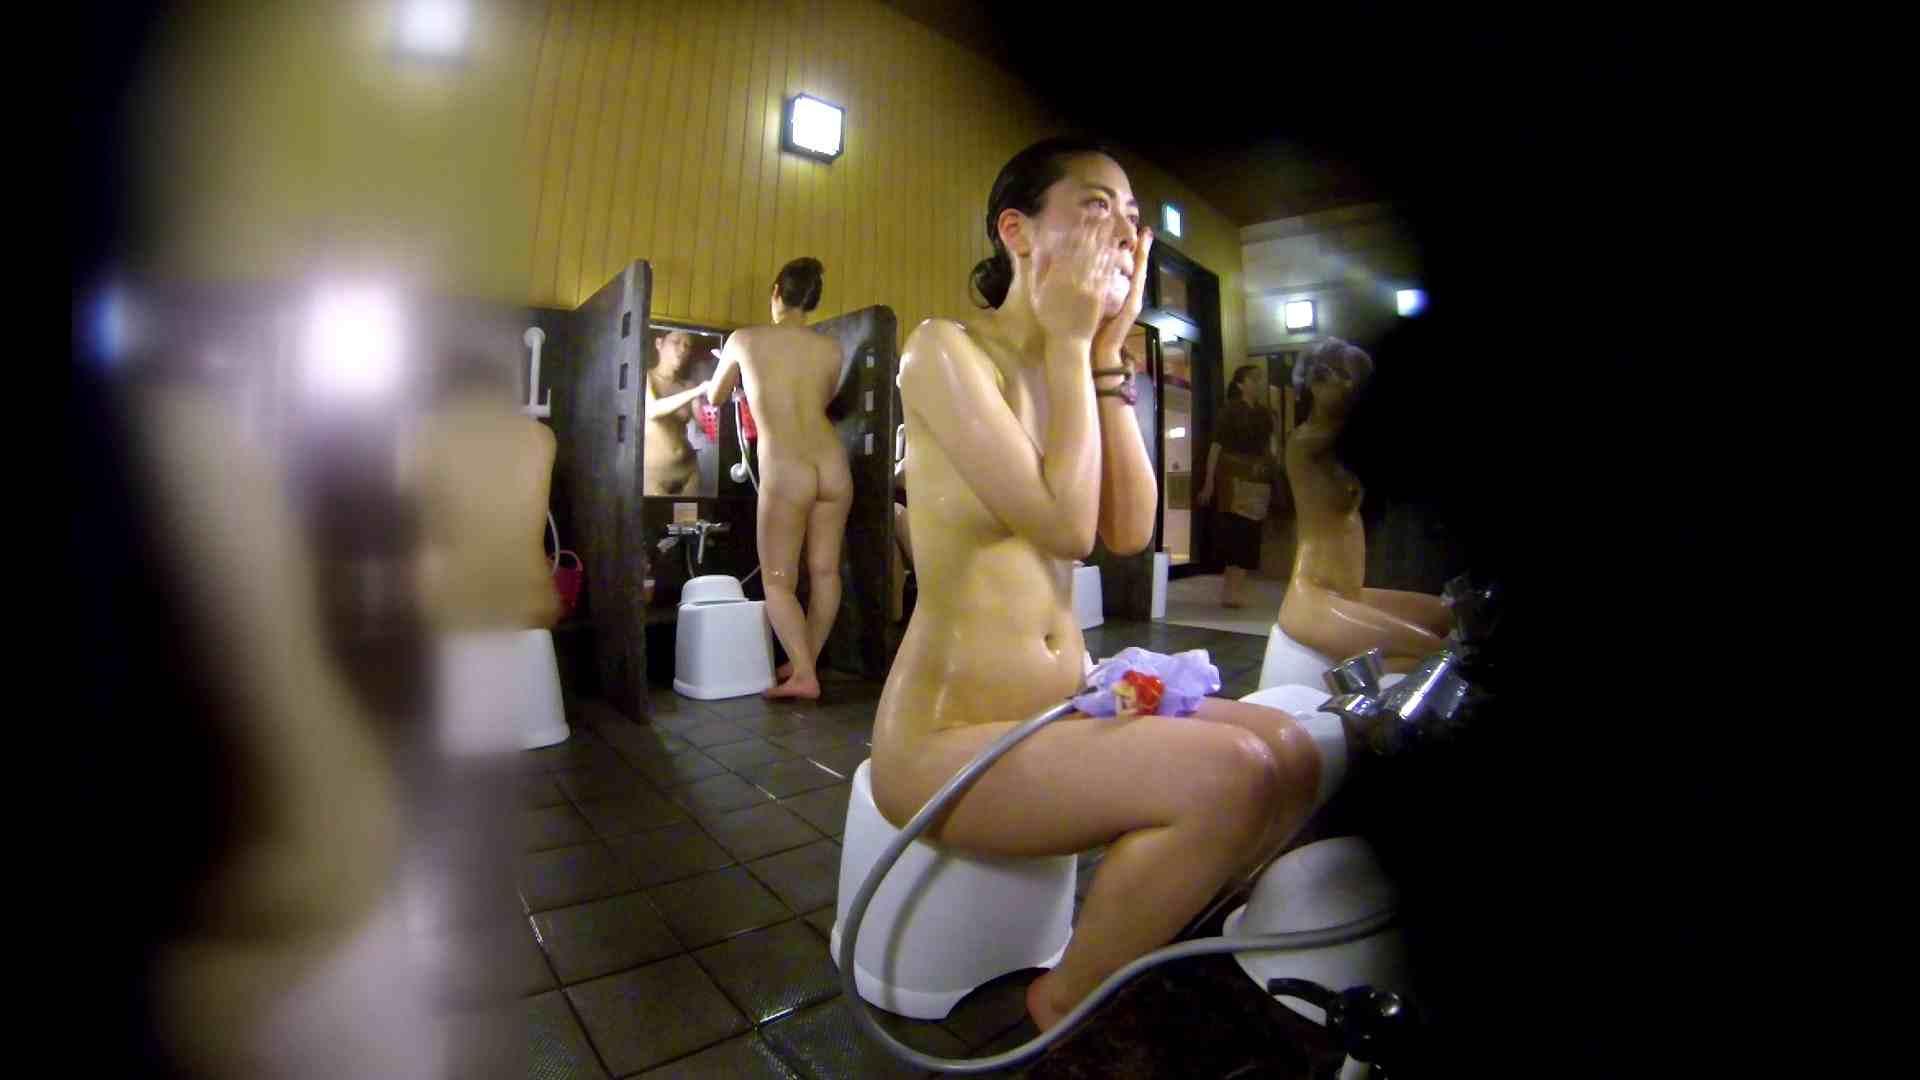 洗い場!ハッキリとした顔立ちとハッキリとした高低差の乳輪 美乳 すけべAV動画紹介 75画像 44